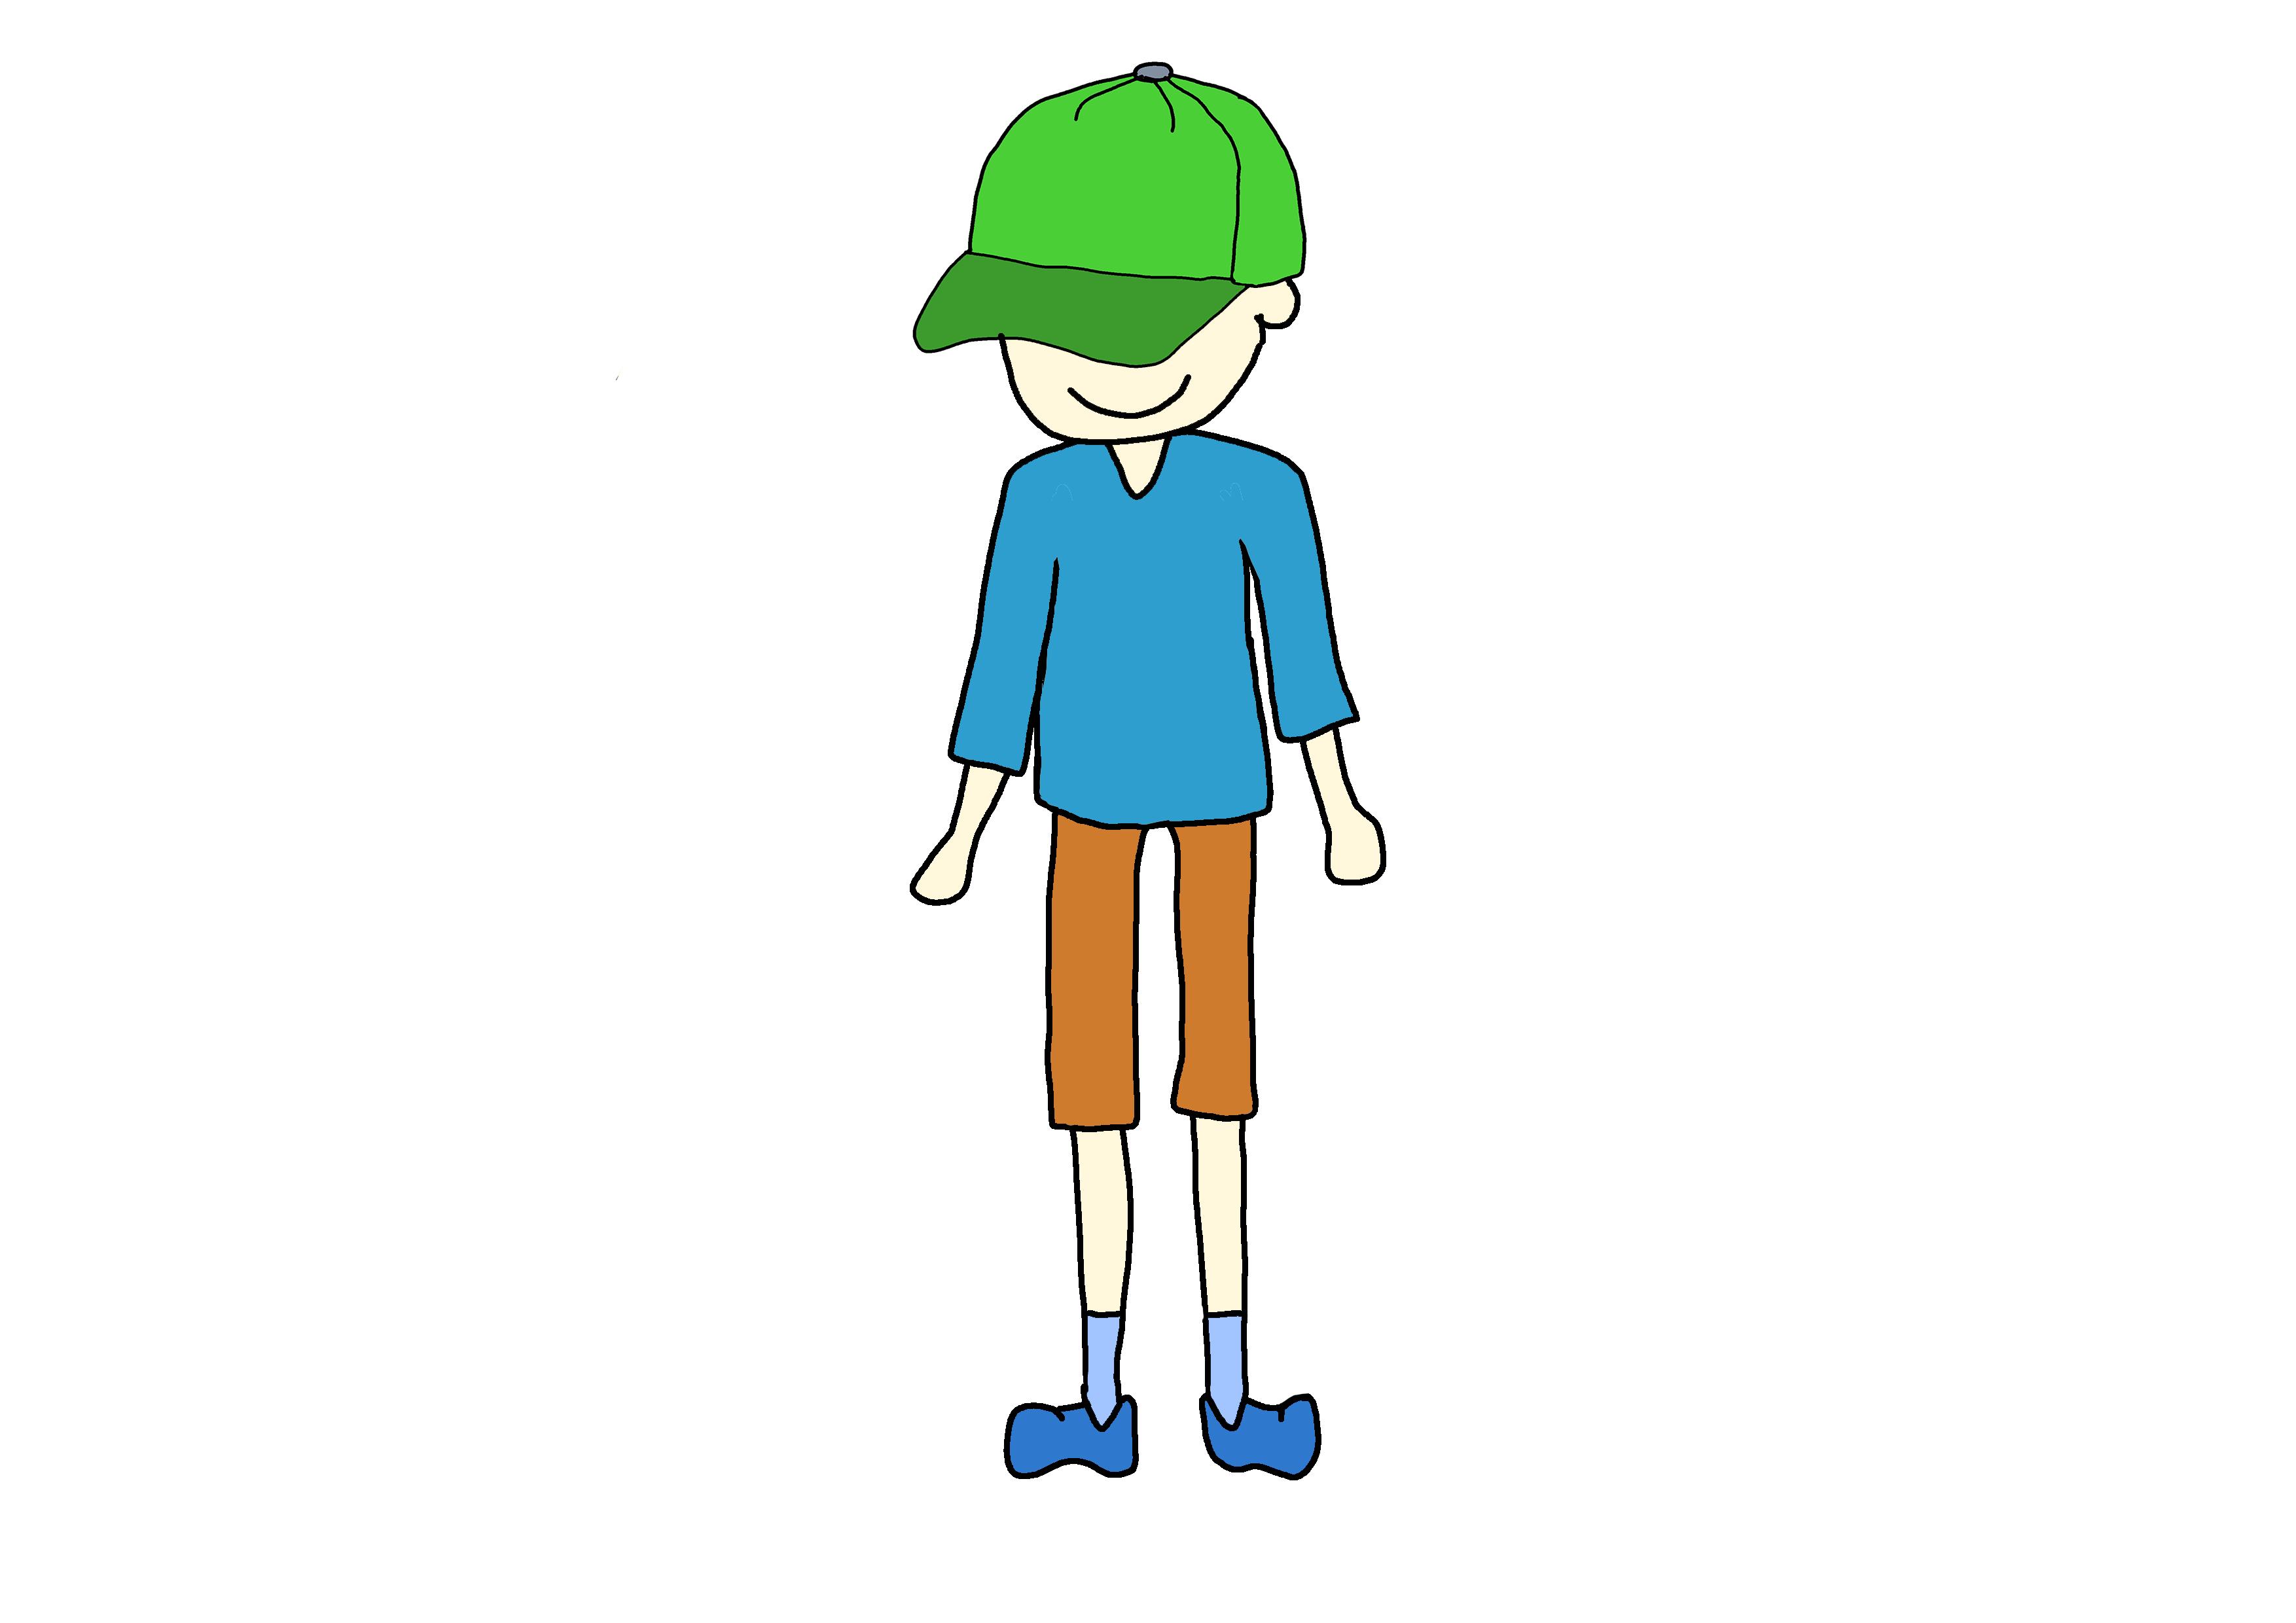 イラスト【帽子をかぶっている少年】